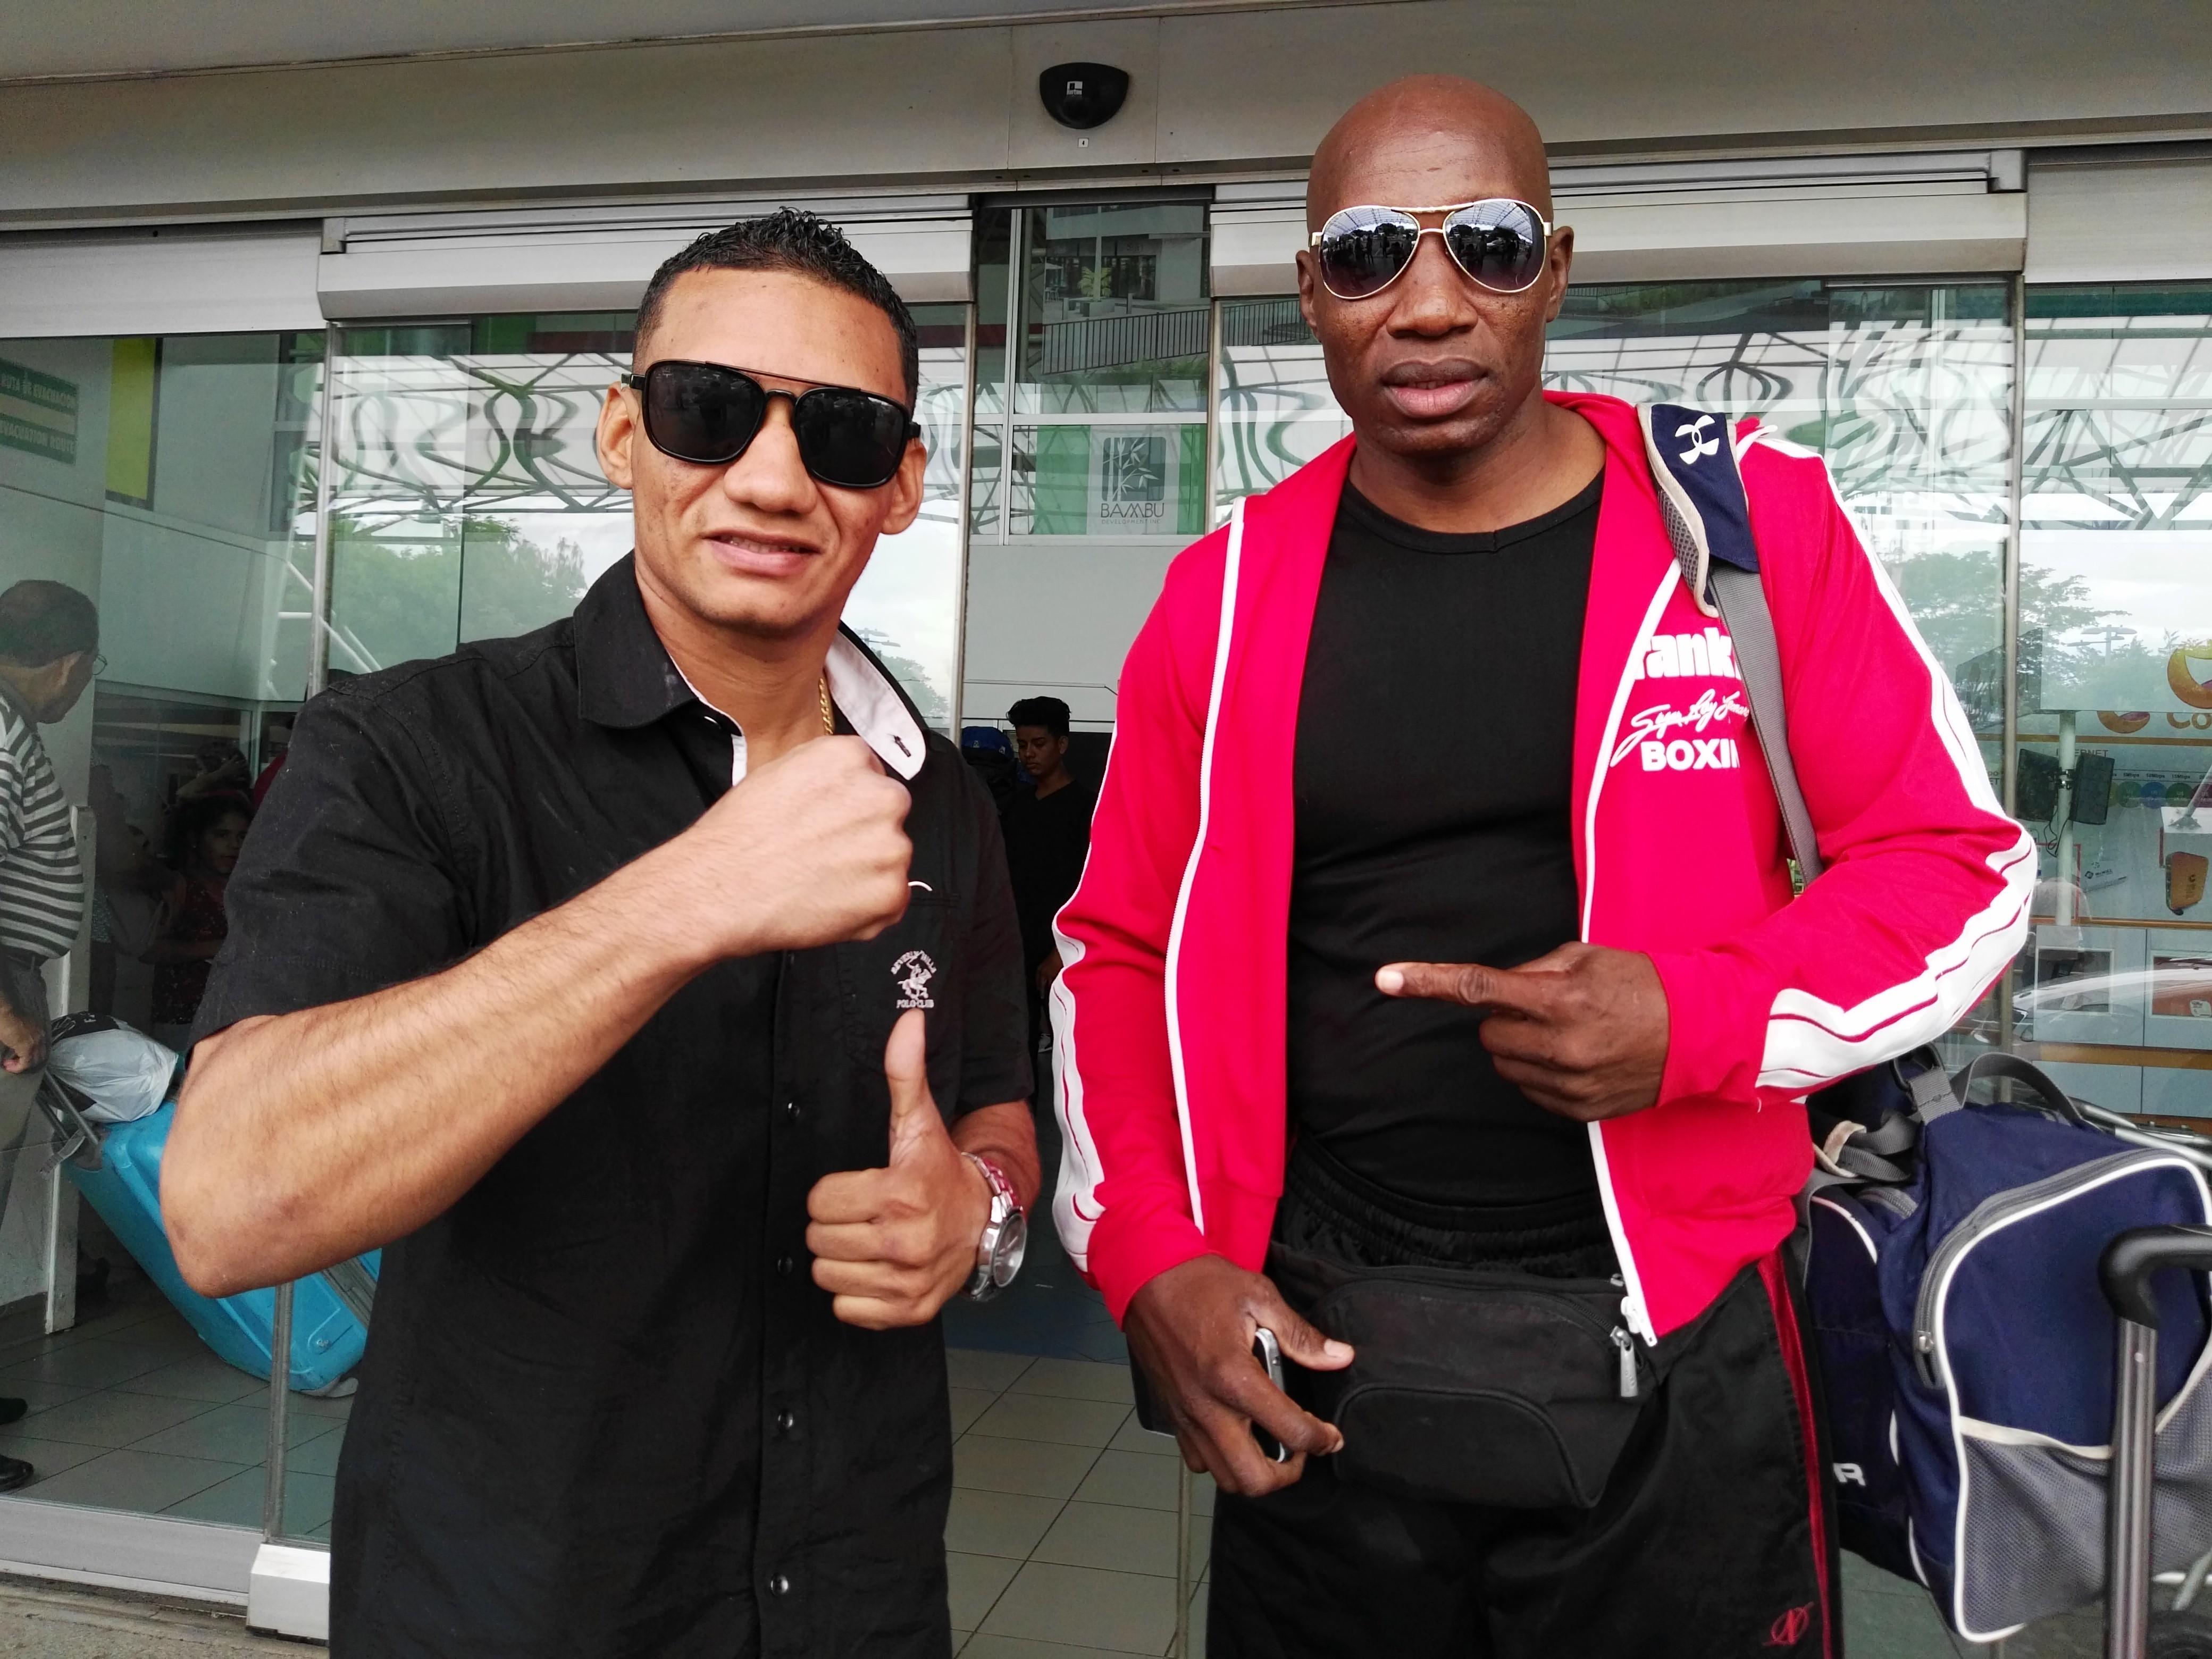 """Carlos """"La Arañita"""" Ortega y su entrenador Juan Mosquera al arribar al país ayer a mediodía. Foto: LA PRENSA/ BAYRON SAAVEDRA"""